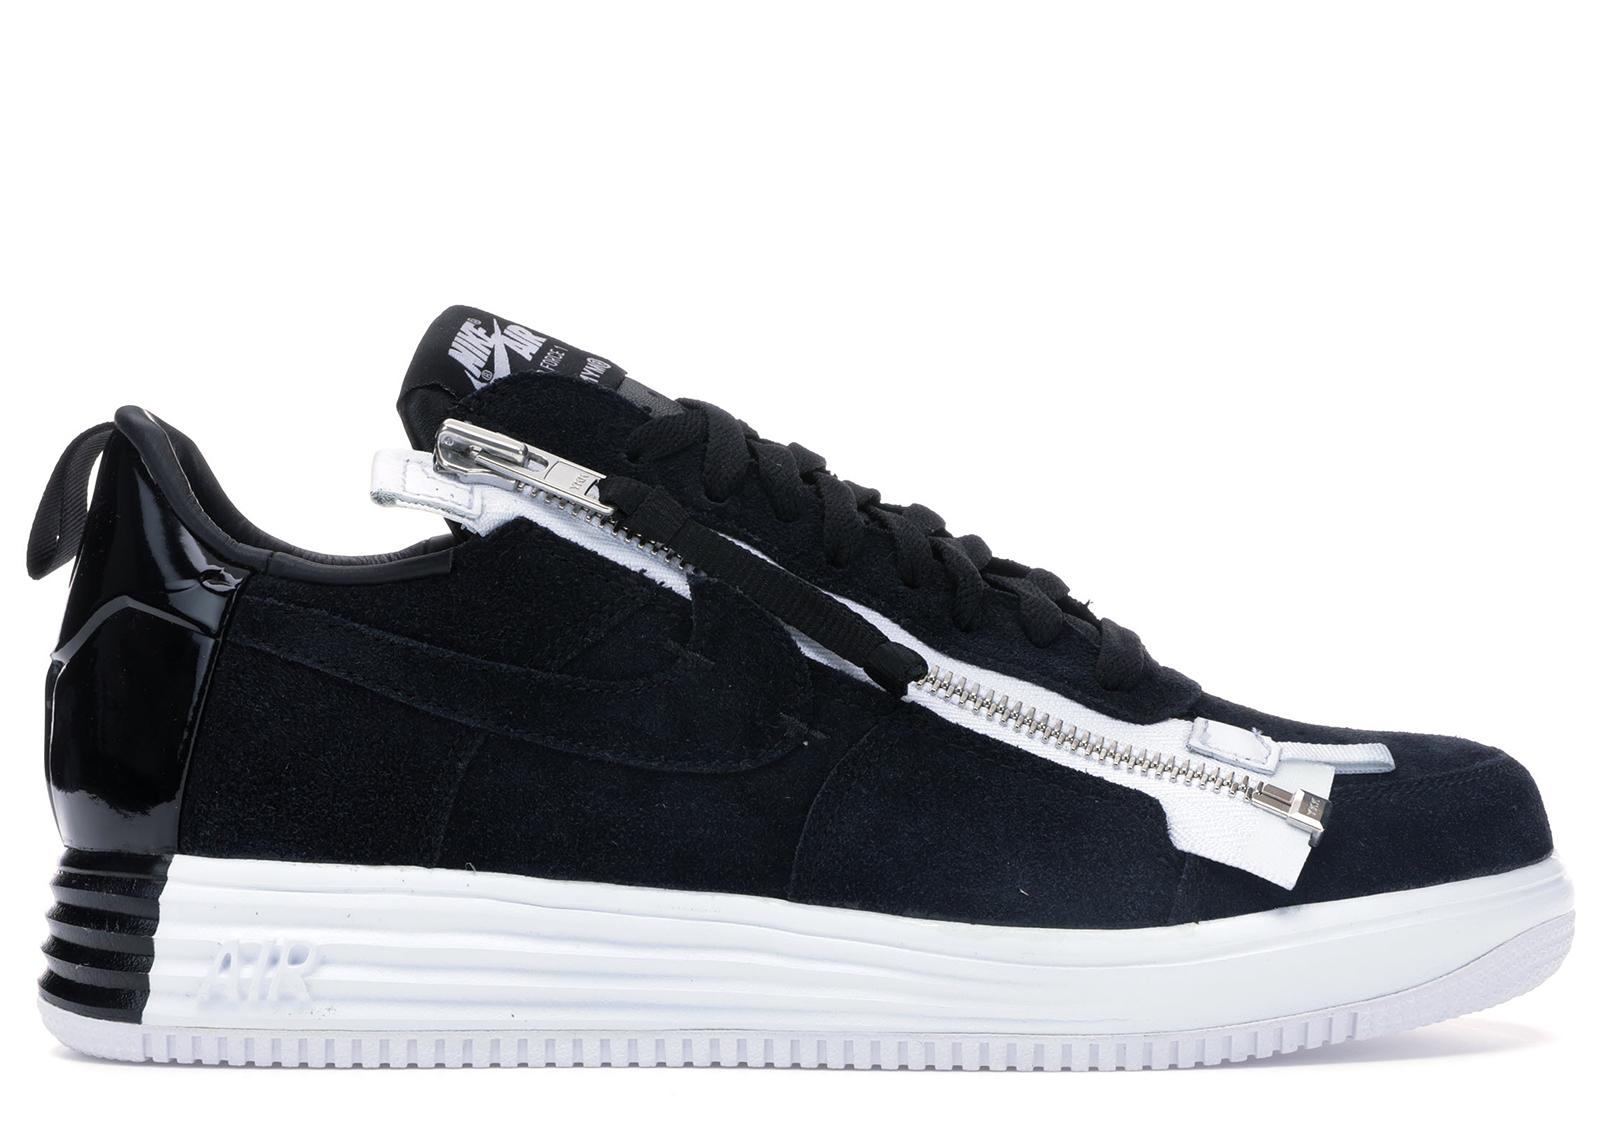 Nike Lunar Force 1 Low Acronym Black